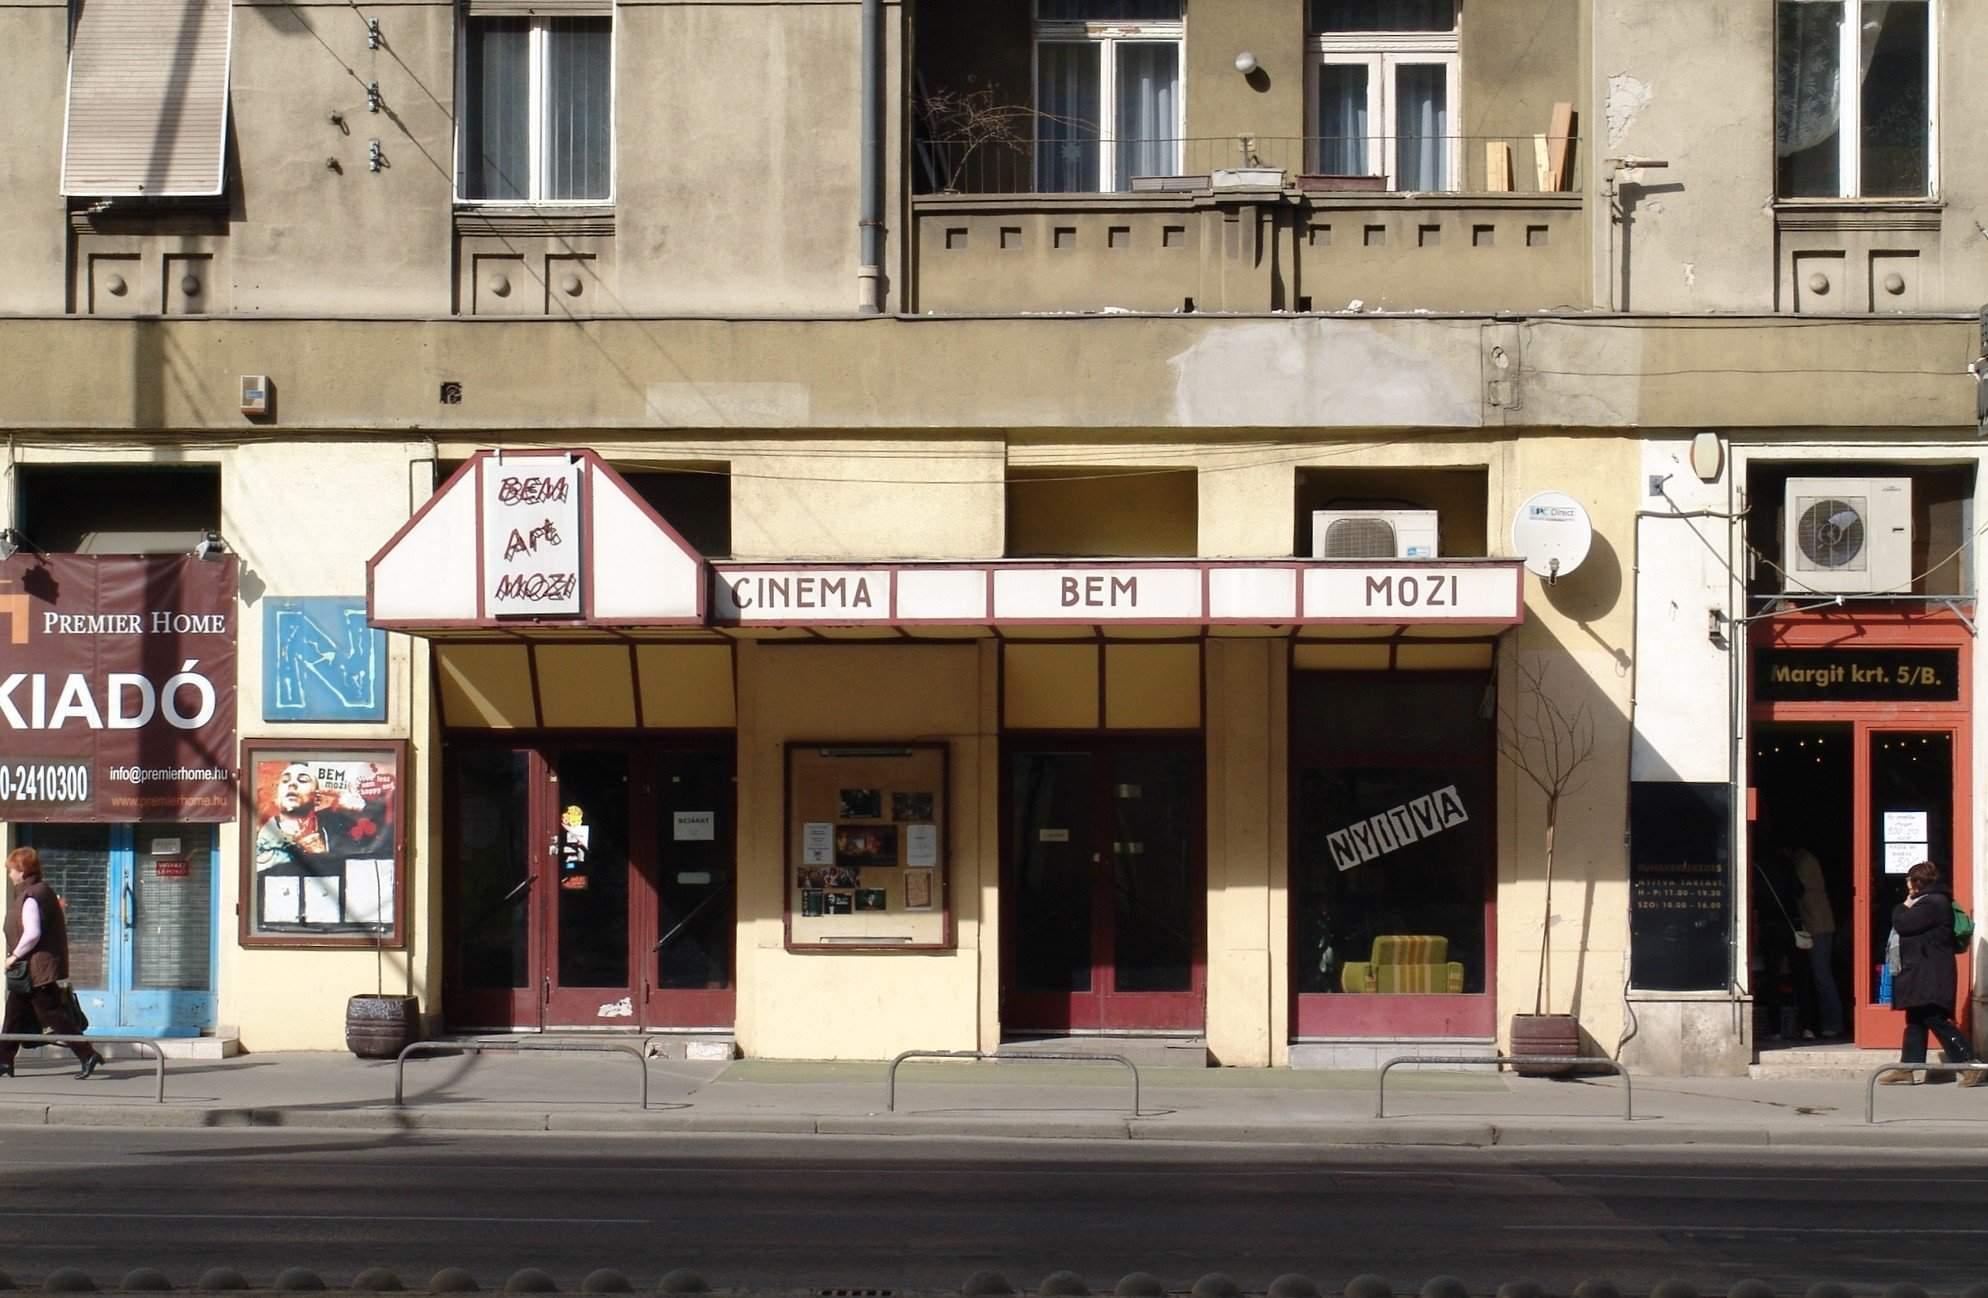 Legendary Bem cinema reopened in Budapest